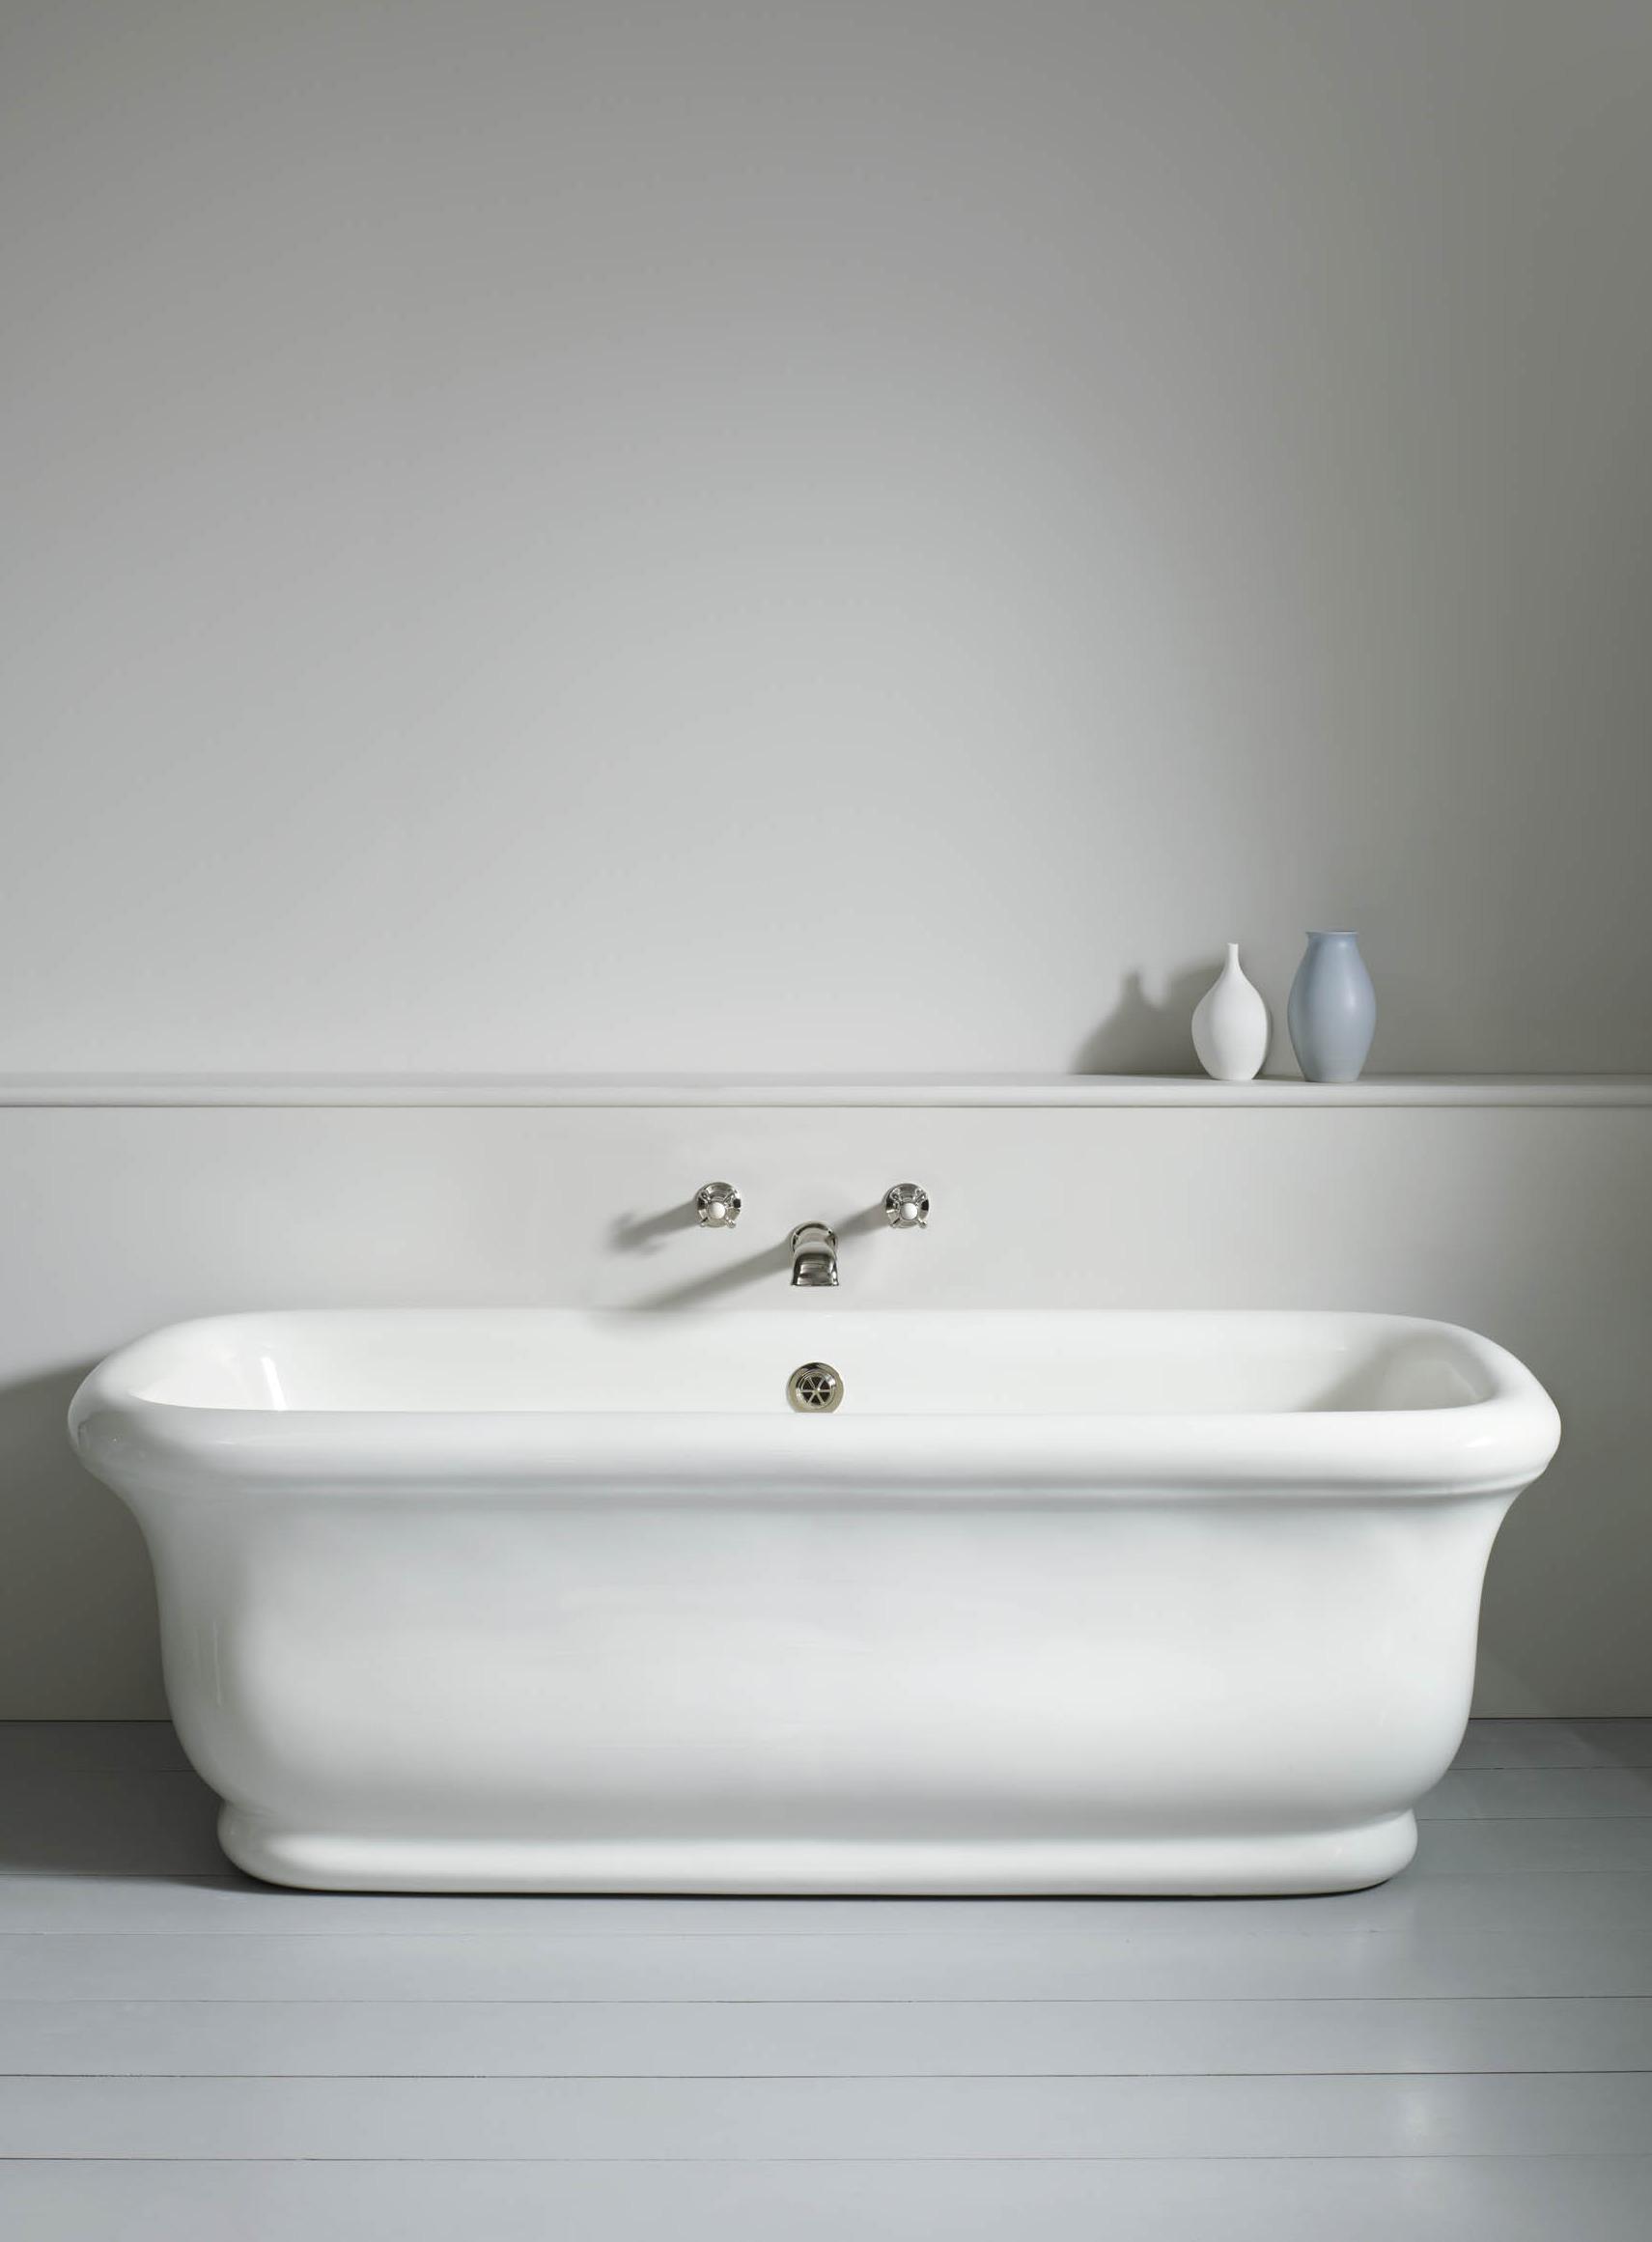 Paris Bath Without Feet